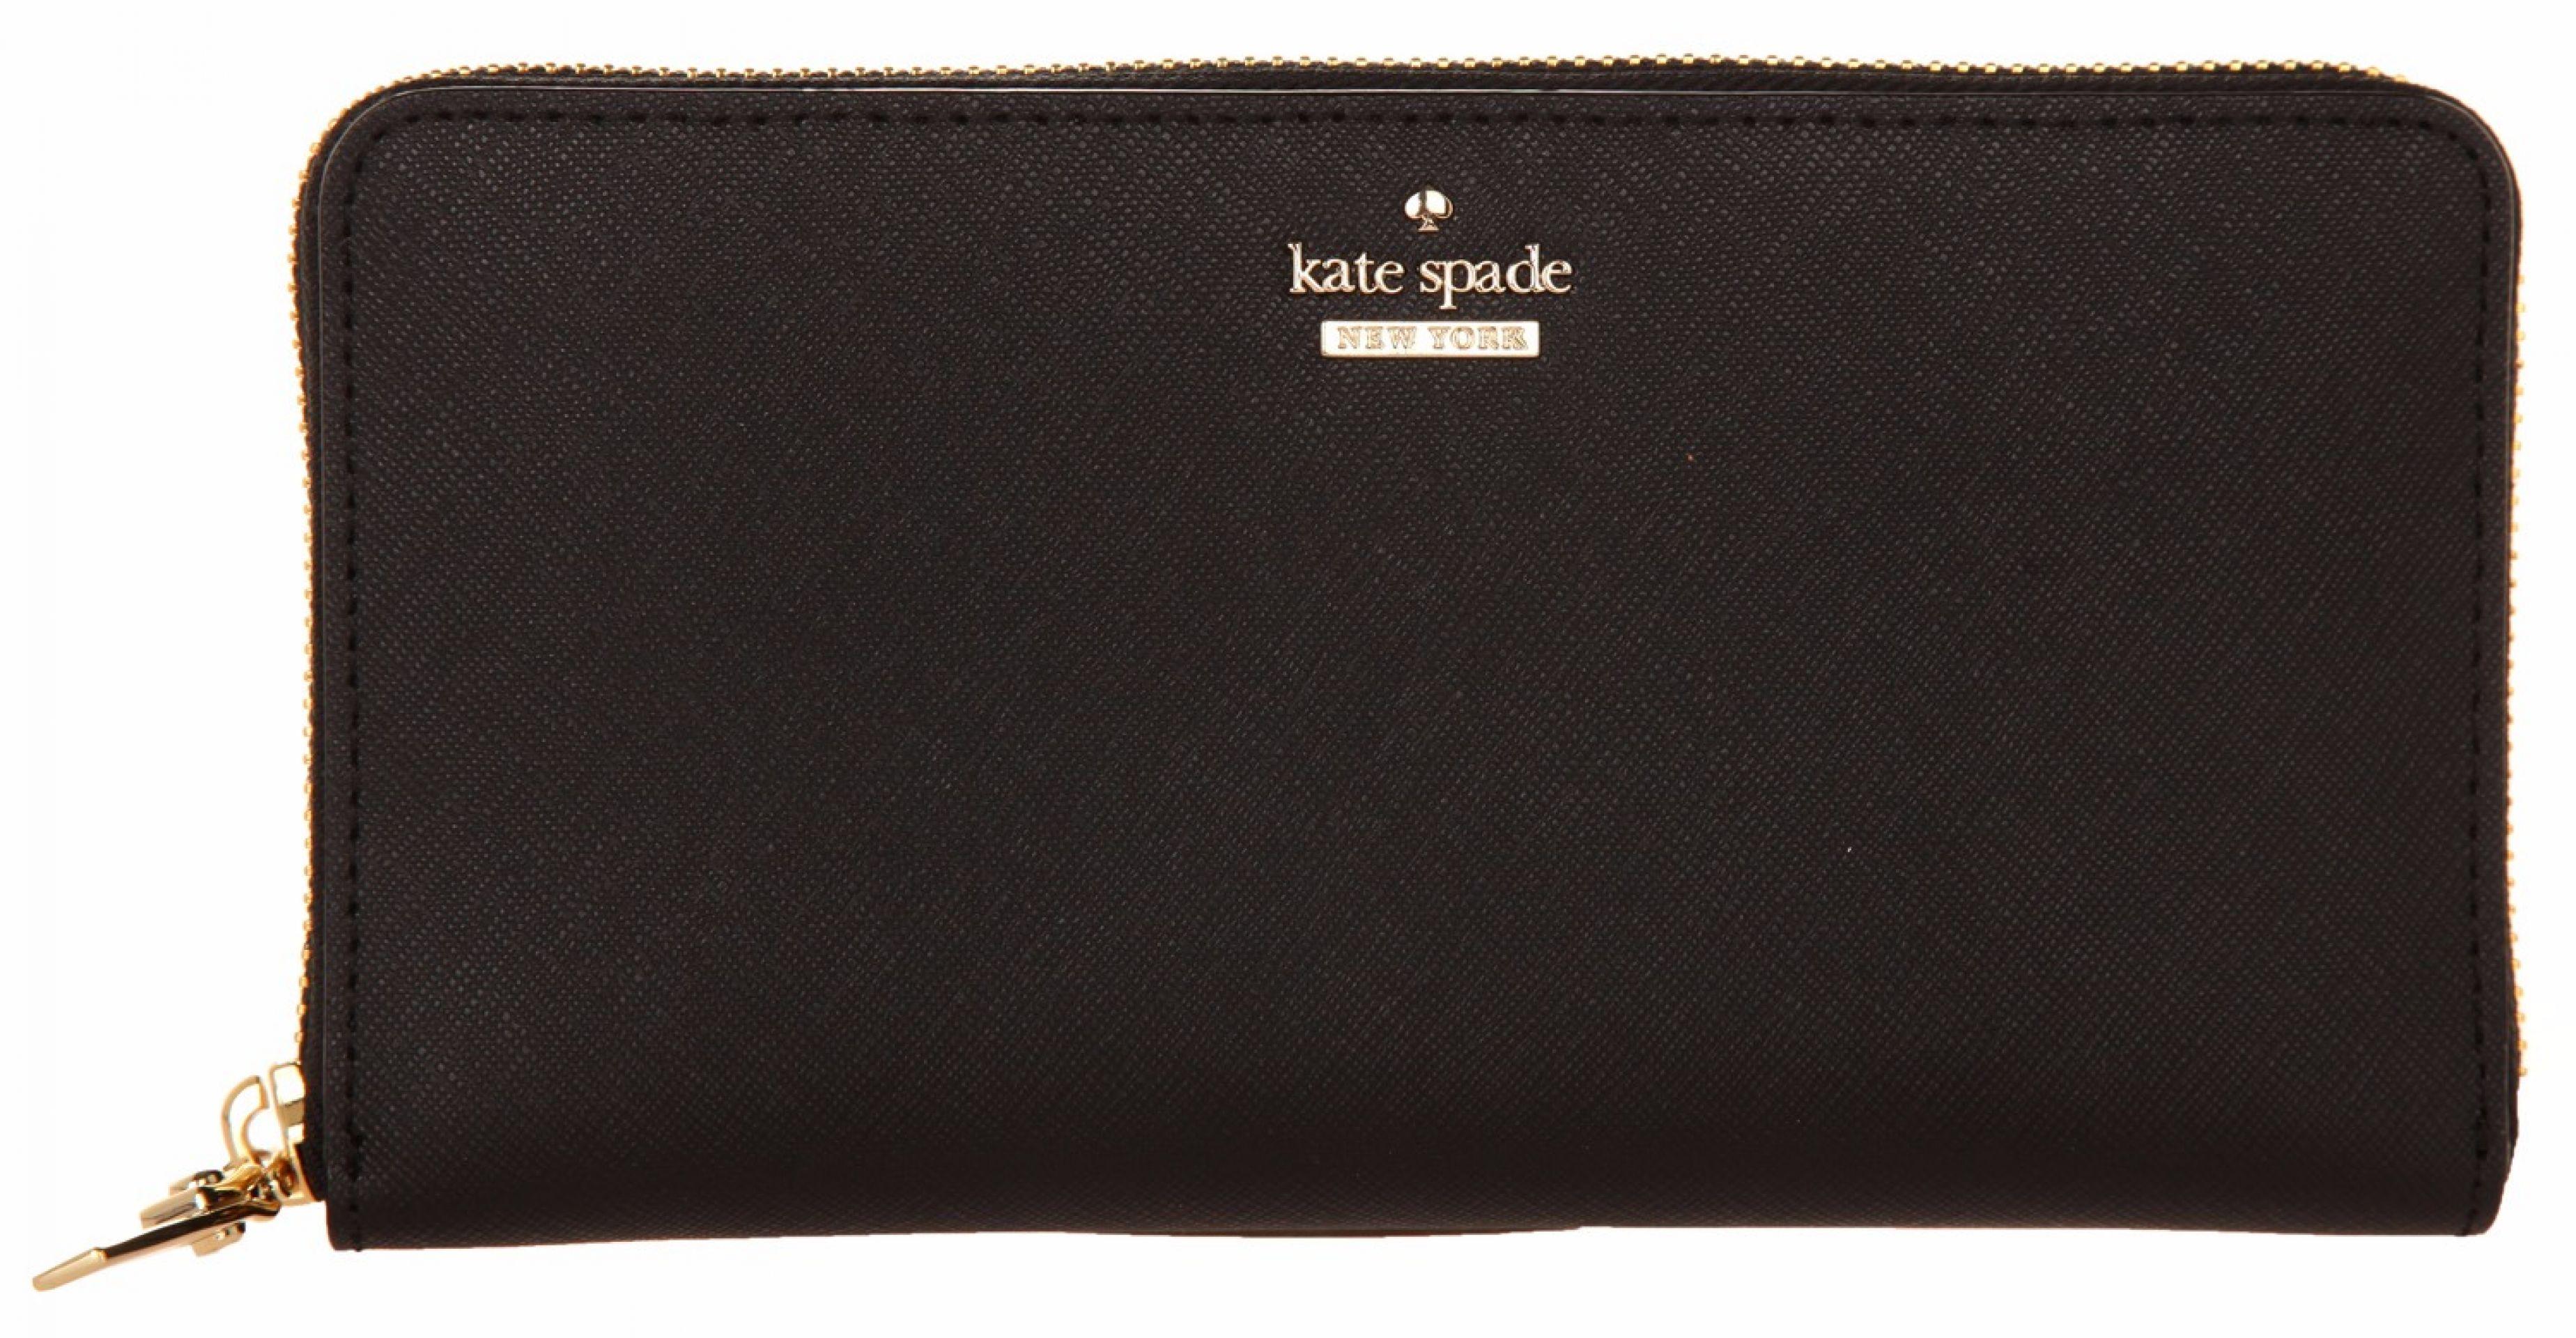 KATE SPADE WOMEN WALLET CAMERON STREET LACEY BLACK PWRU5073B-001